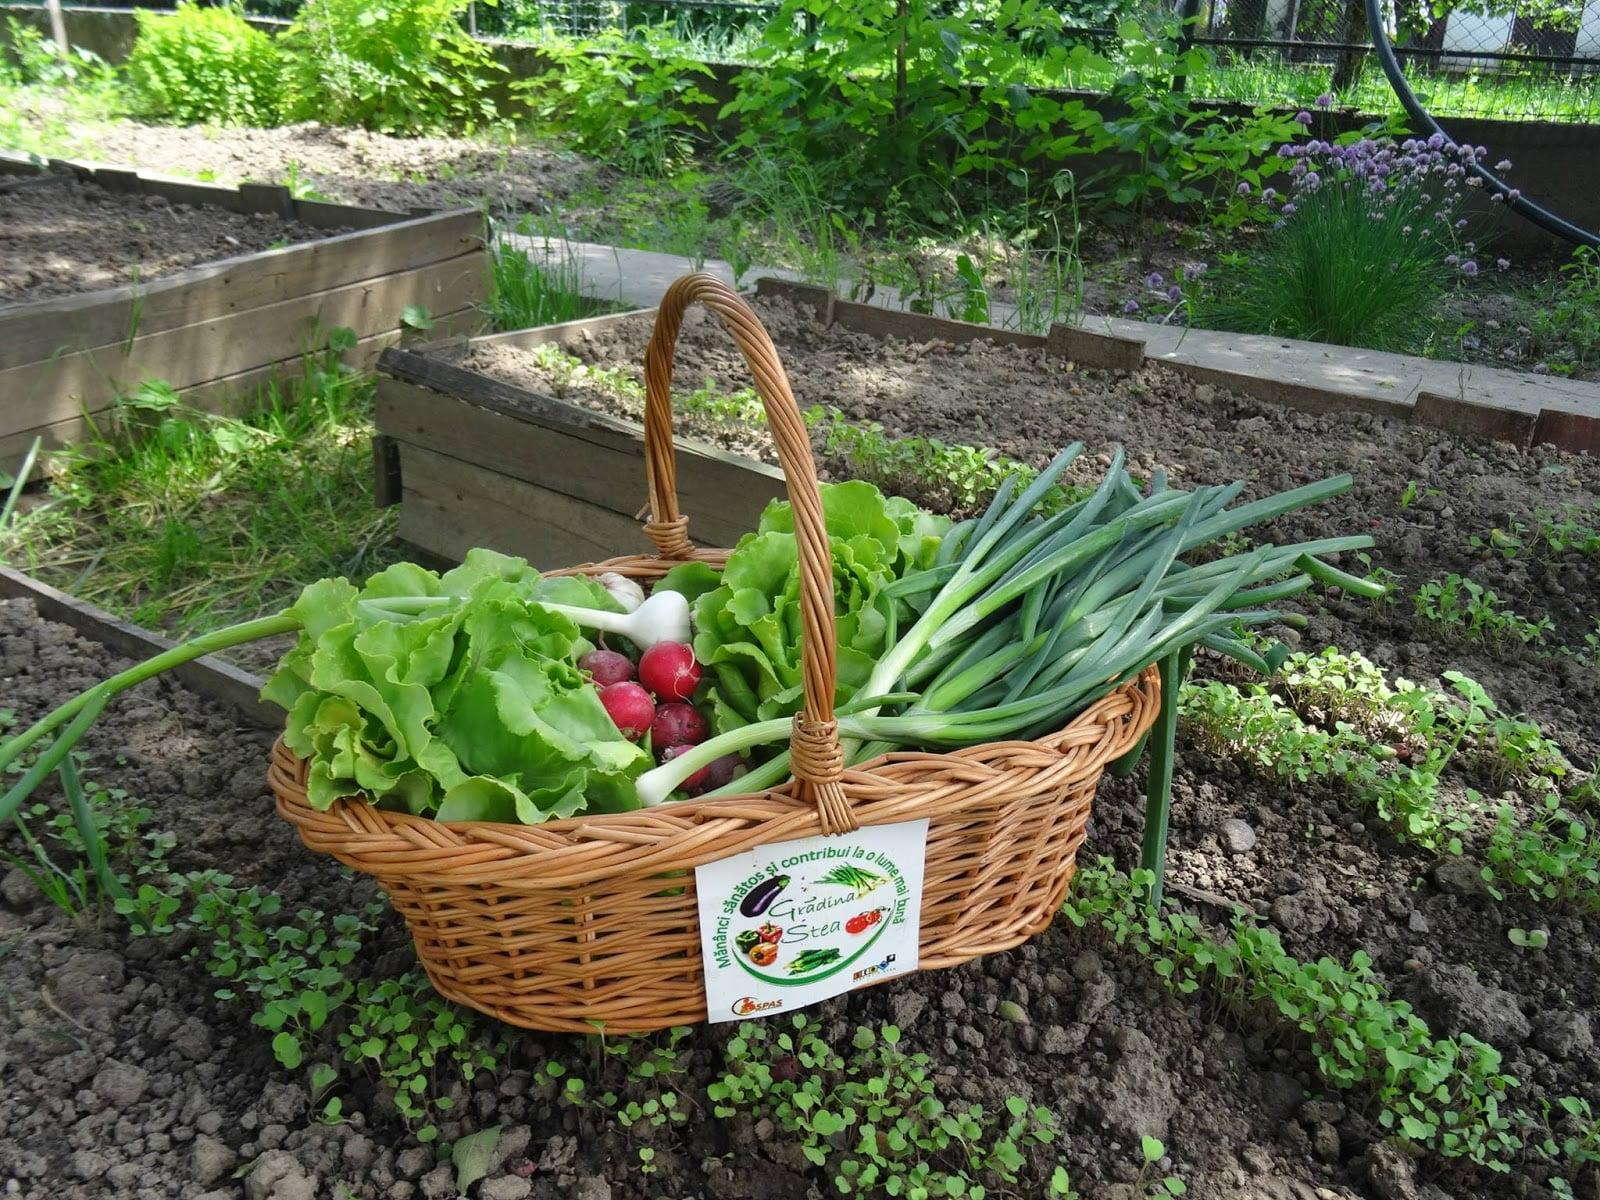 Meguntad a bevásároló központok felfújt és ízetlen zöldségeit? Vásárolj biozöldséget a Stea Egyesülettől!